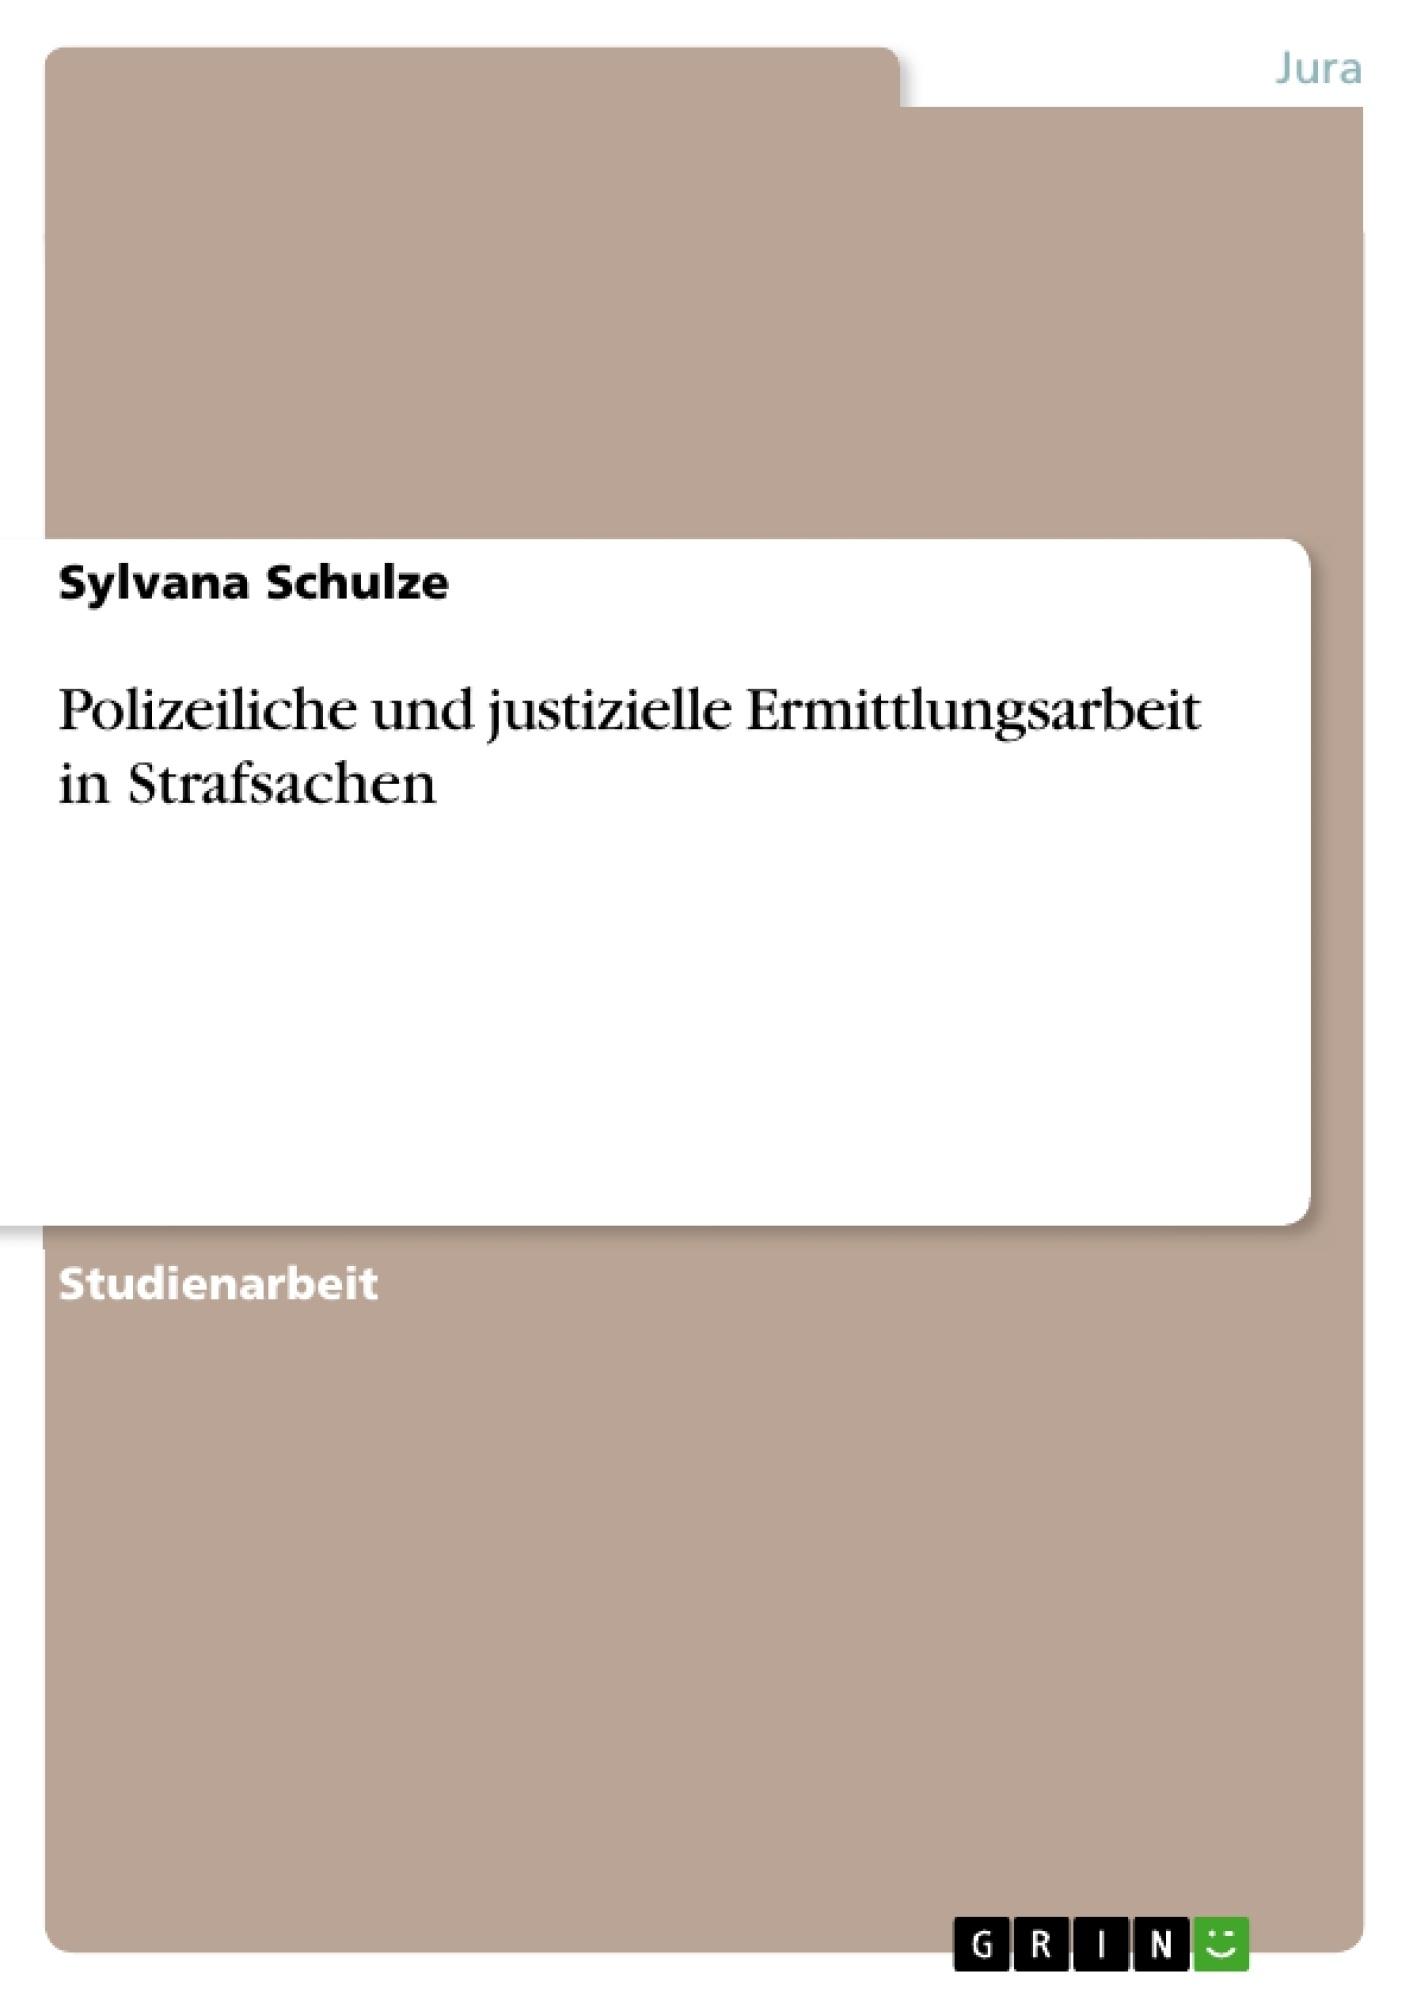 Titel: Polizeiliche und justizielle Ermittlungsarbeit in Strafsachen